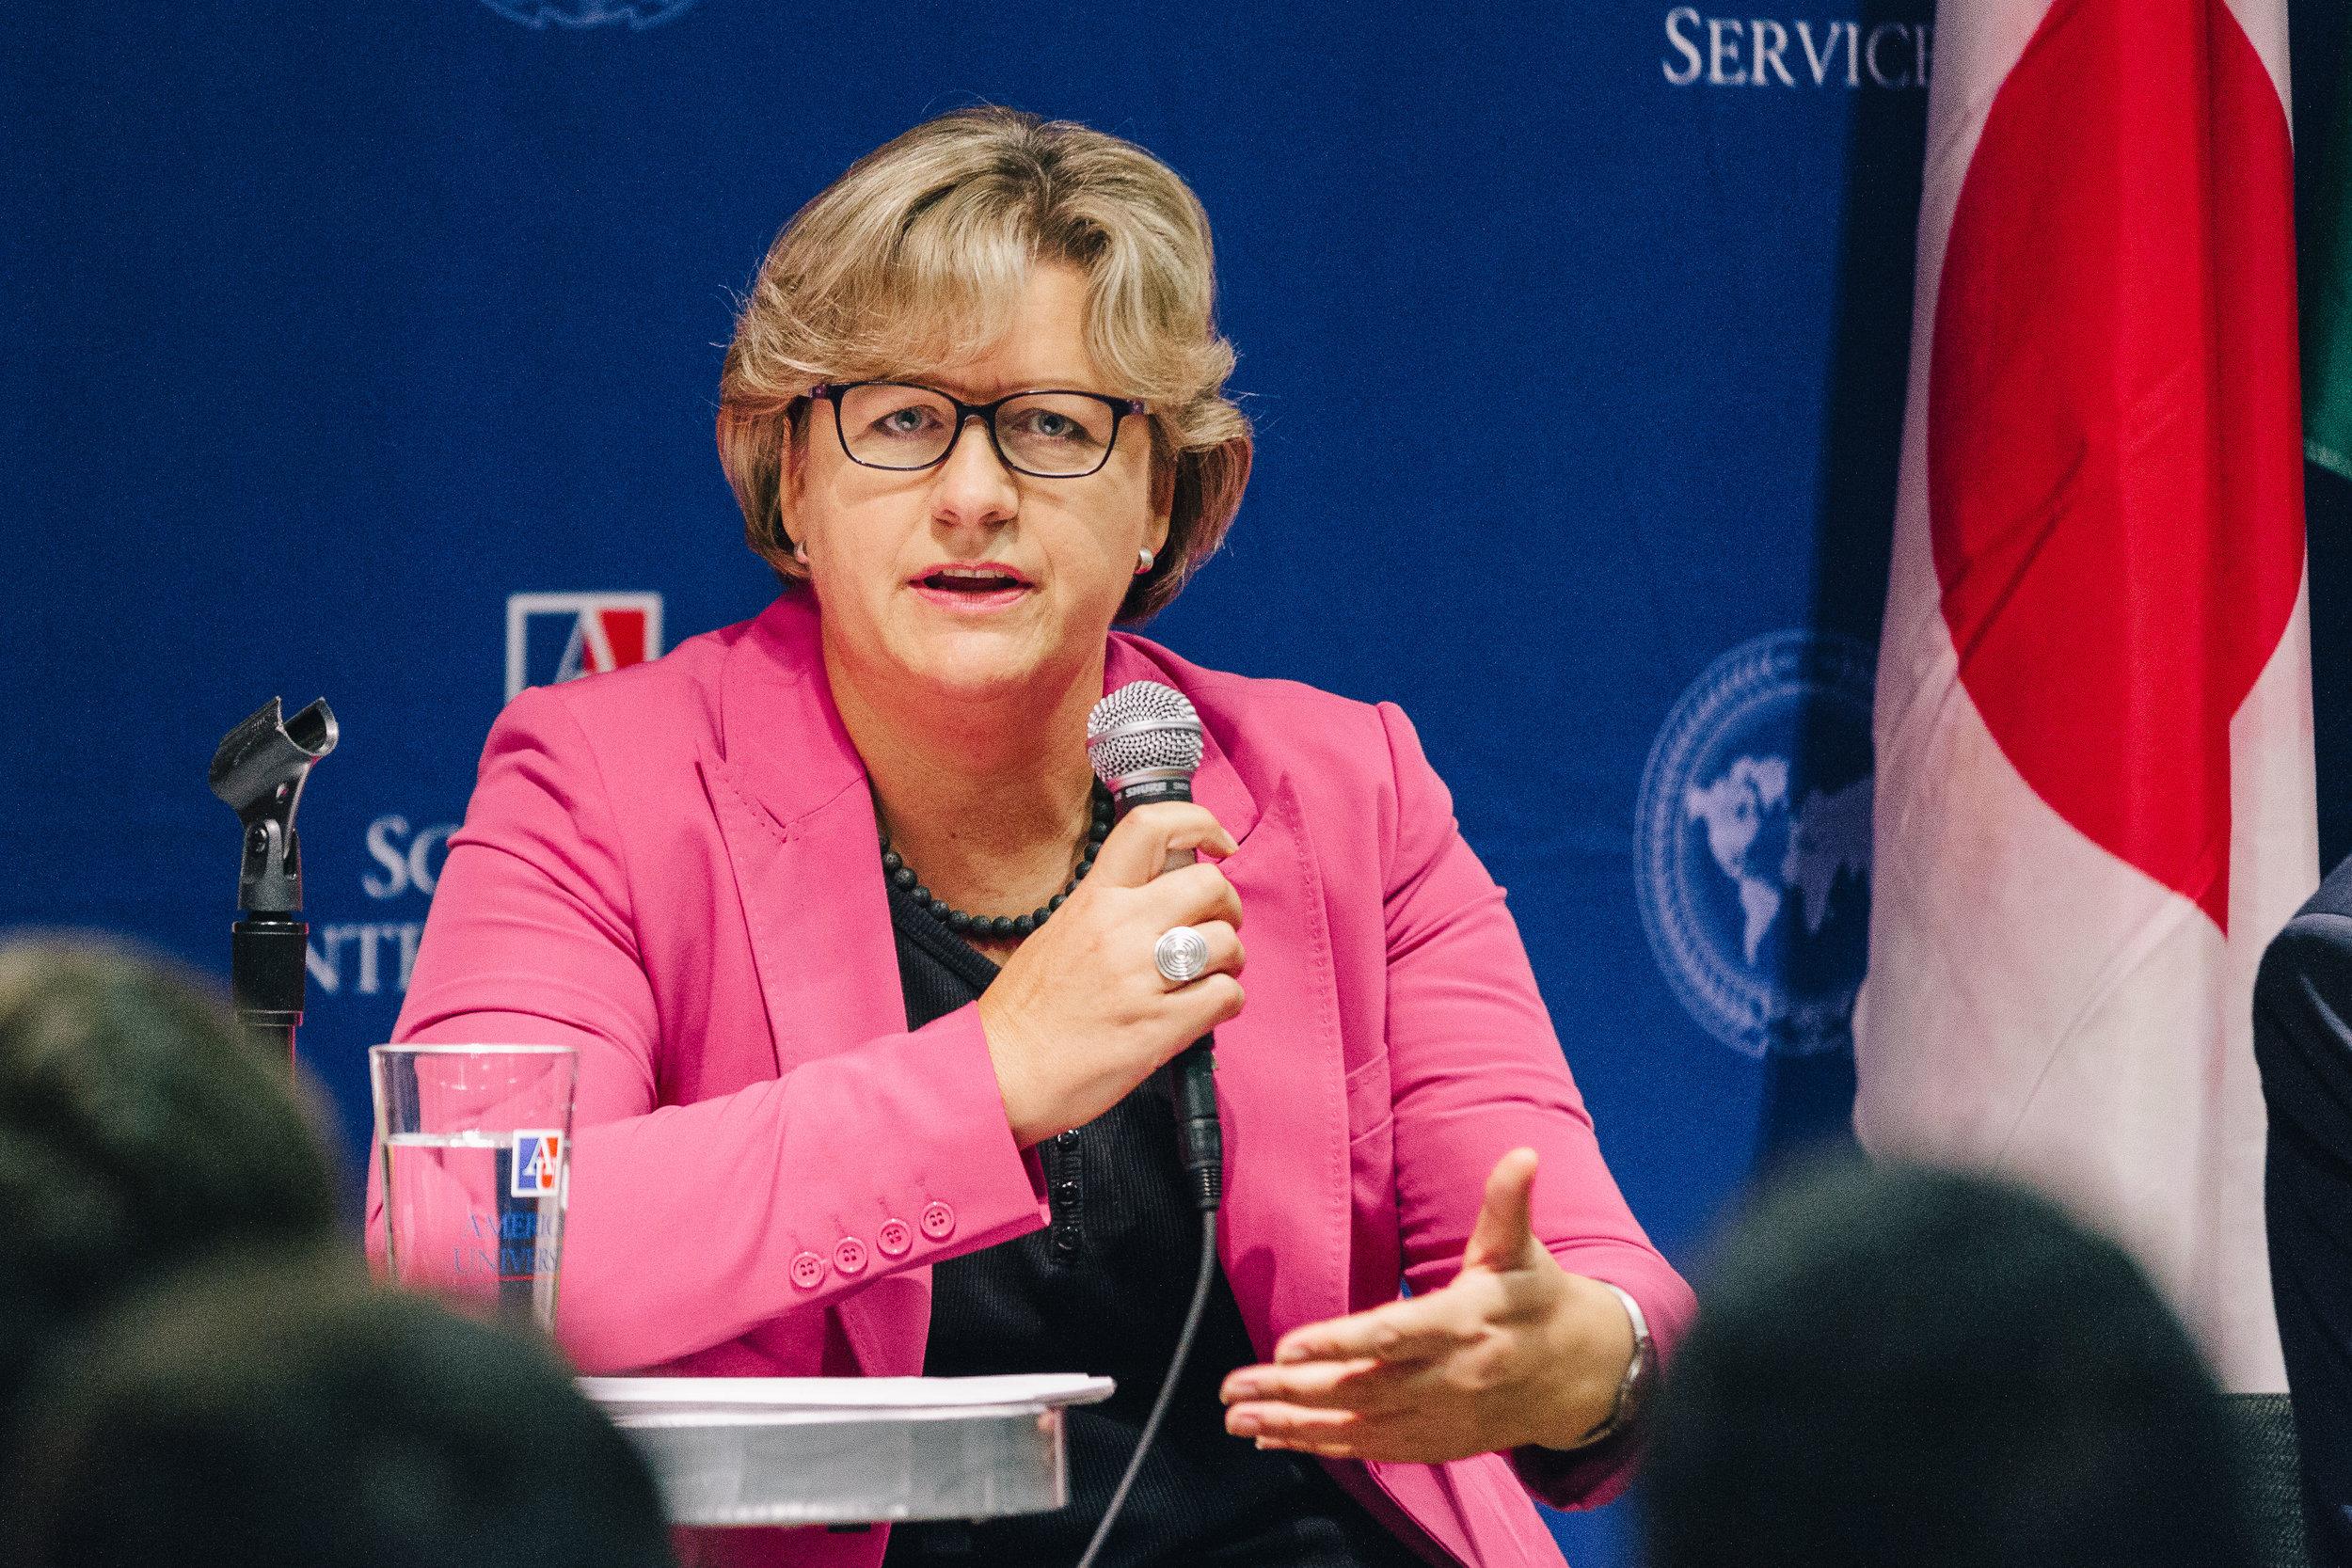 Elke Kallenbach, Head of Finance for Embassy of Germany